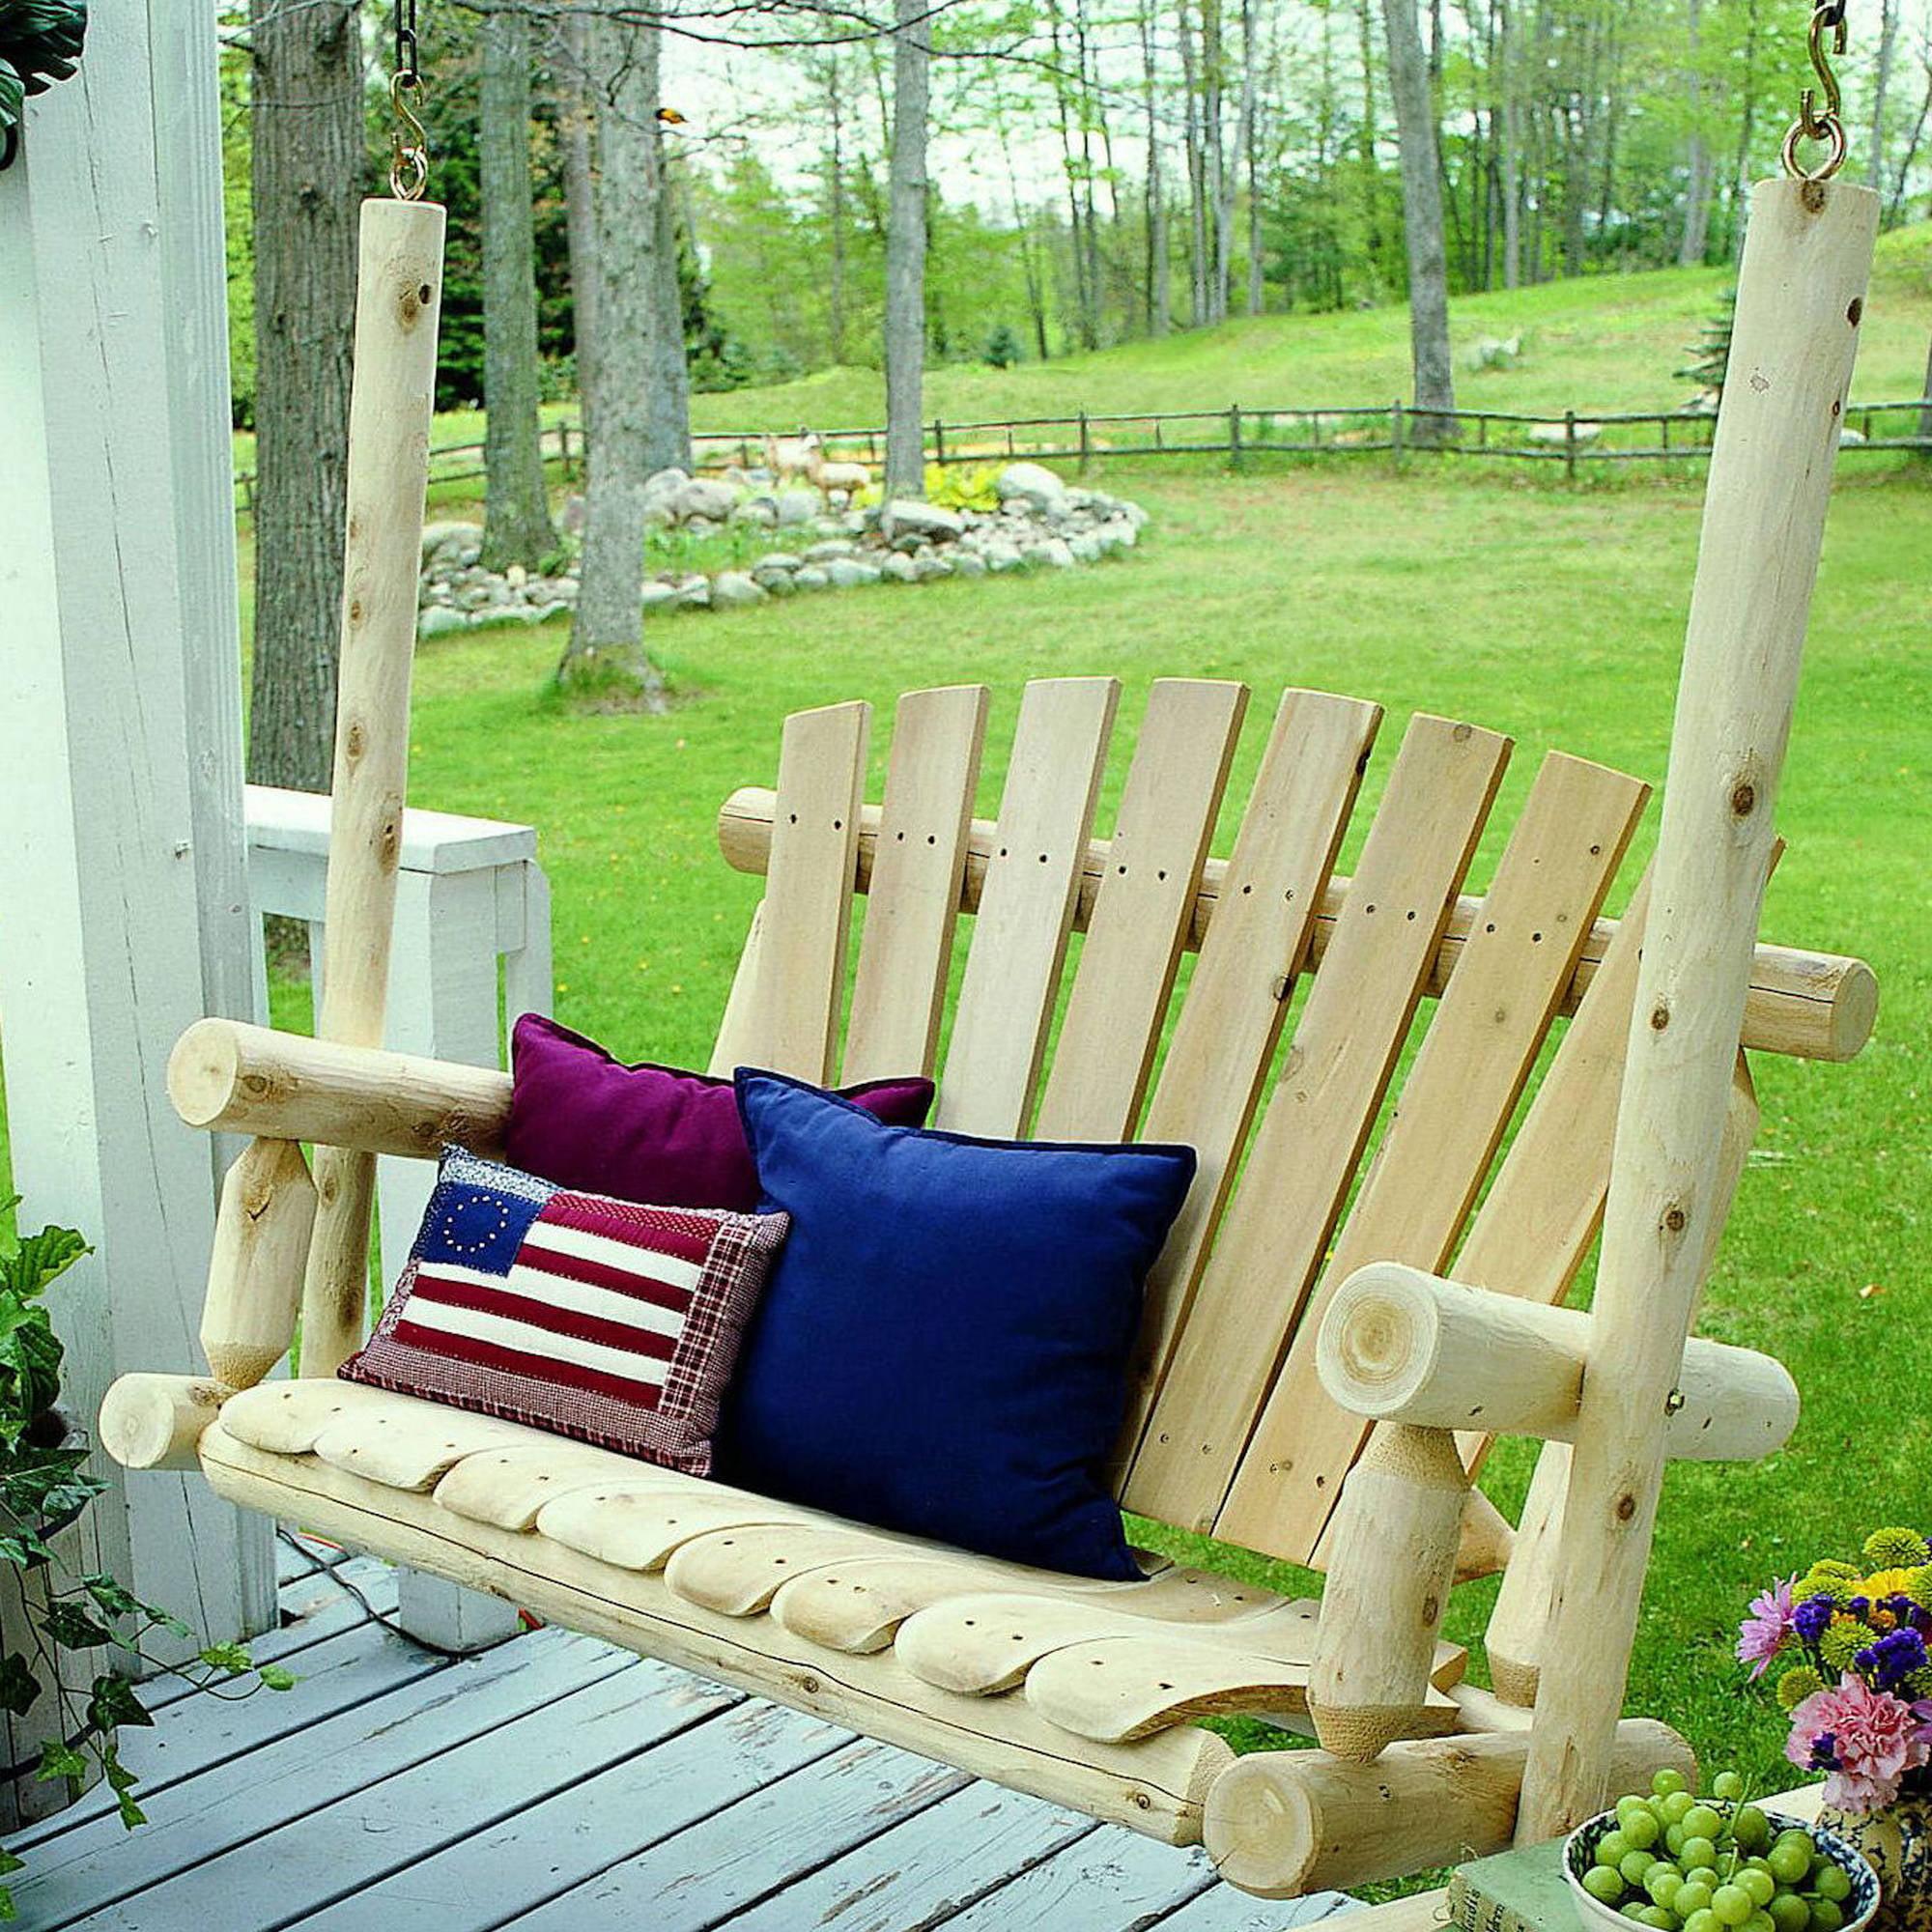 Lakeland Mills 4' Porch Swing by Lakeland Mills